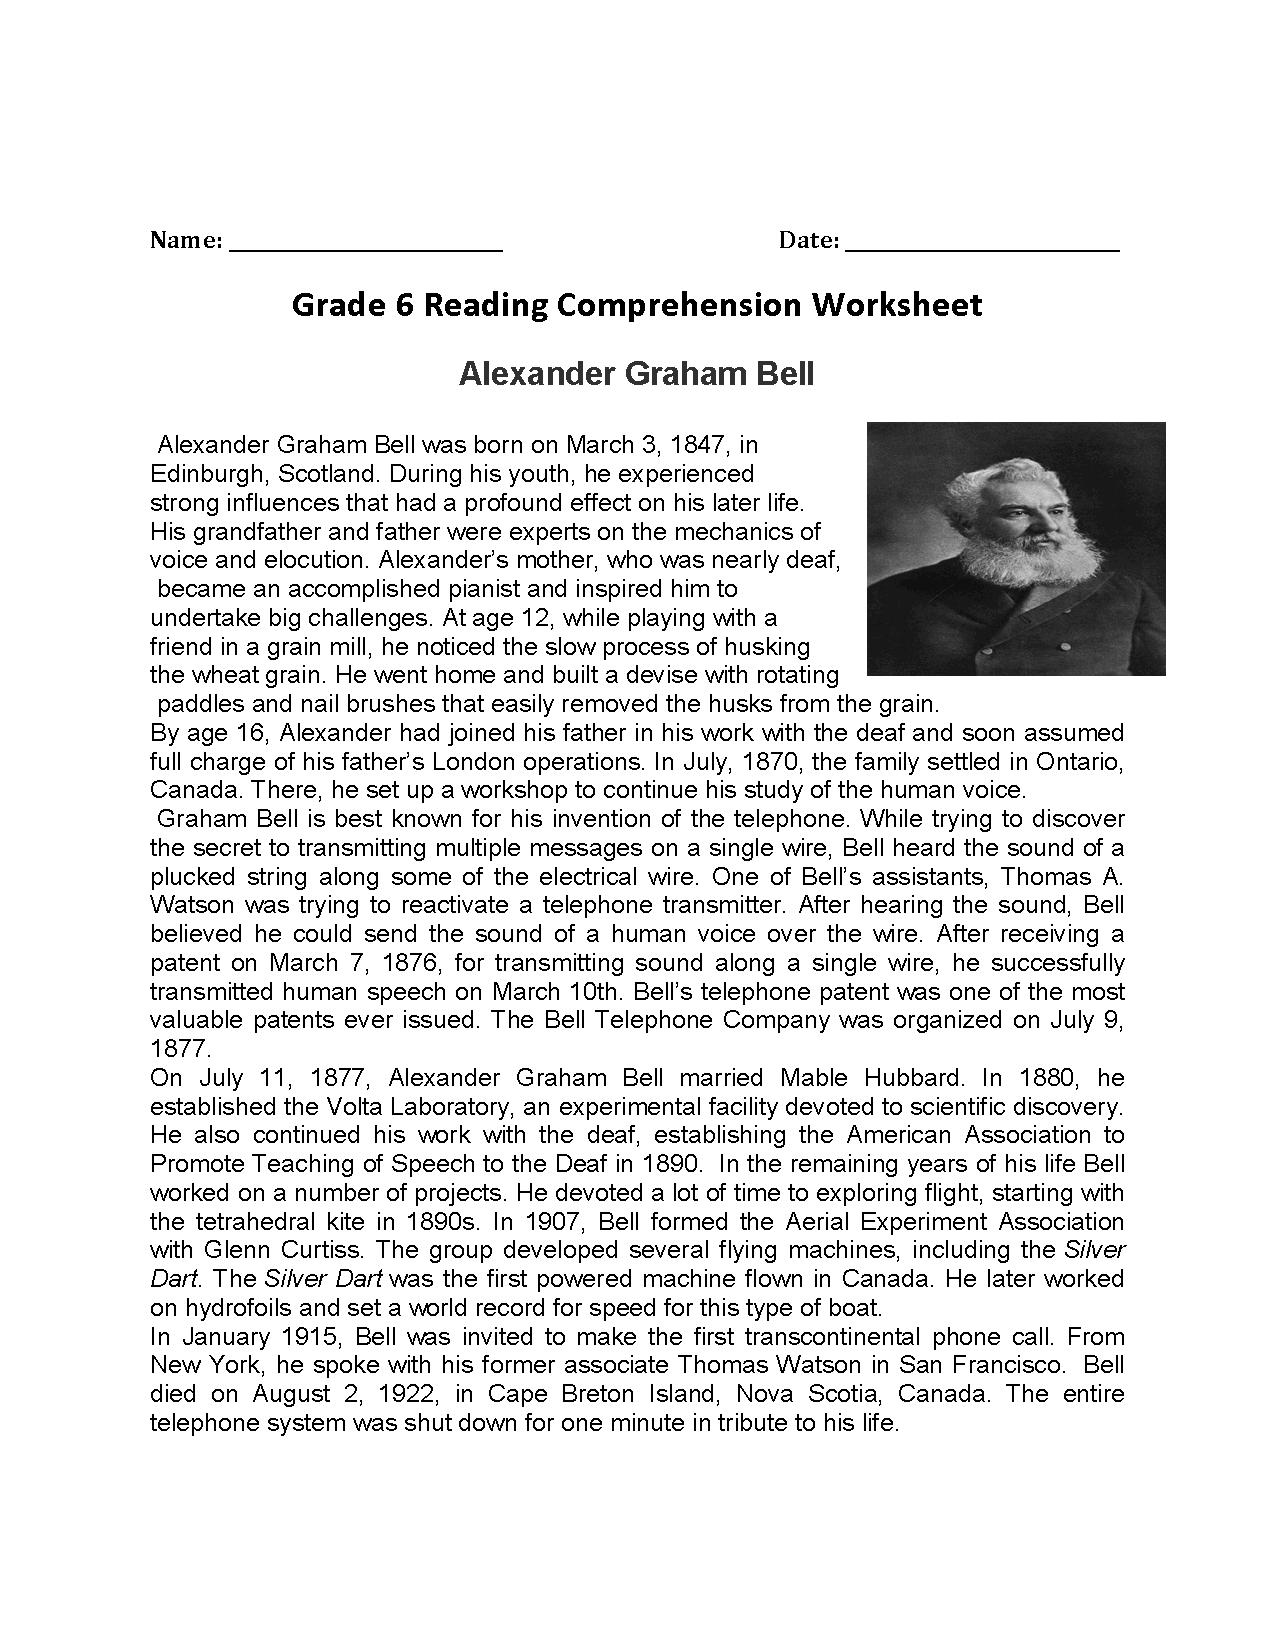 Alexander Graham Bell Br Sixth Grade Reading Worksheets Reading Comprehension Sixth Grade Reading Reading Worksheets [ 1650 x 1275 Pixel ]